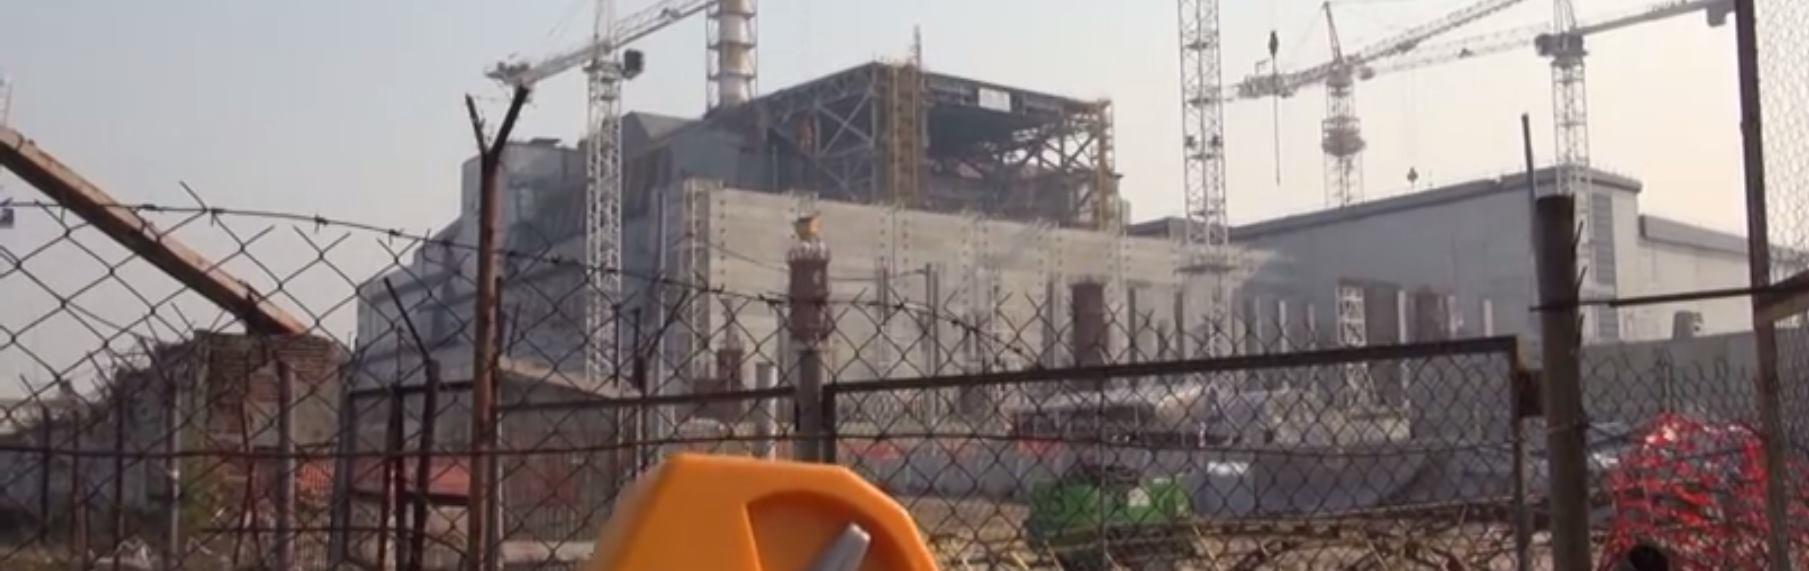 VIDEO: Ukrajina obilježava tridesetu godišnjicu nuklearne katastrofe u Černobilu